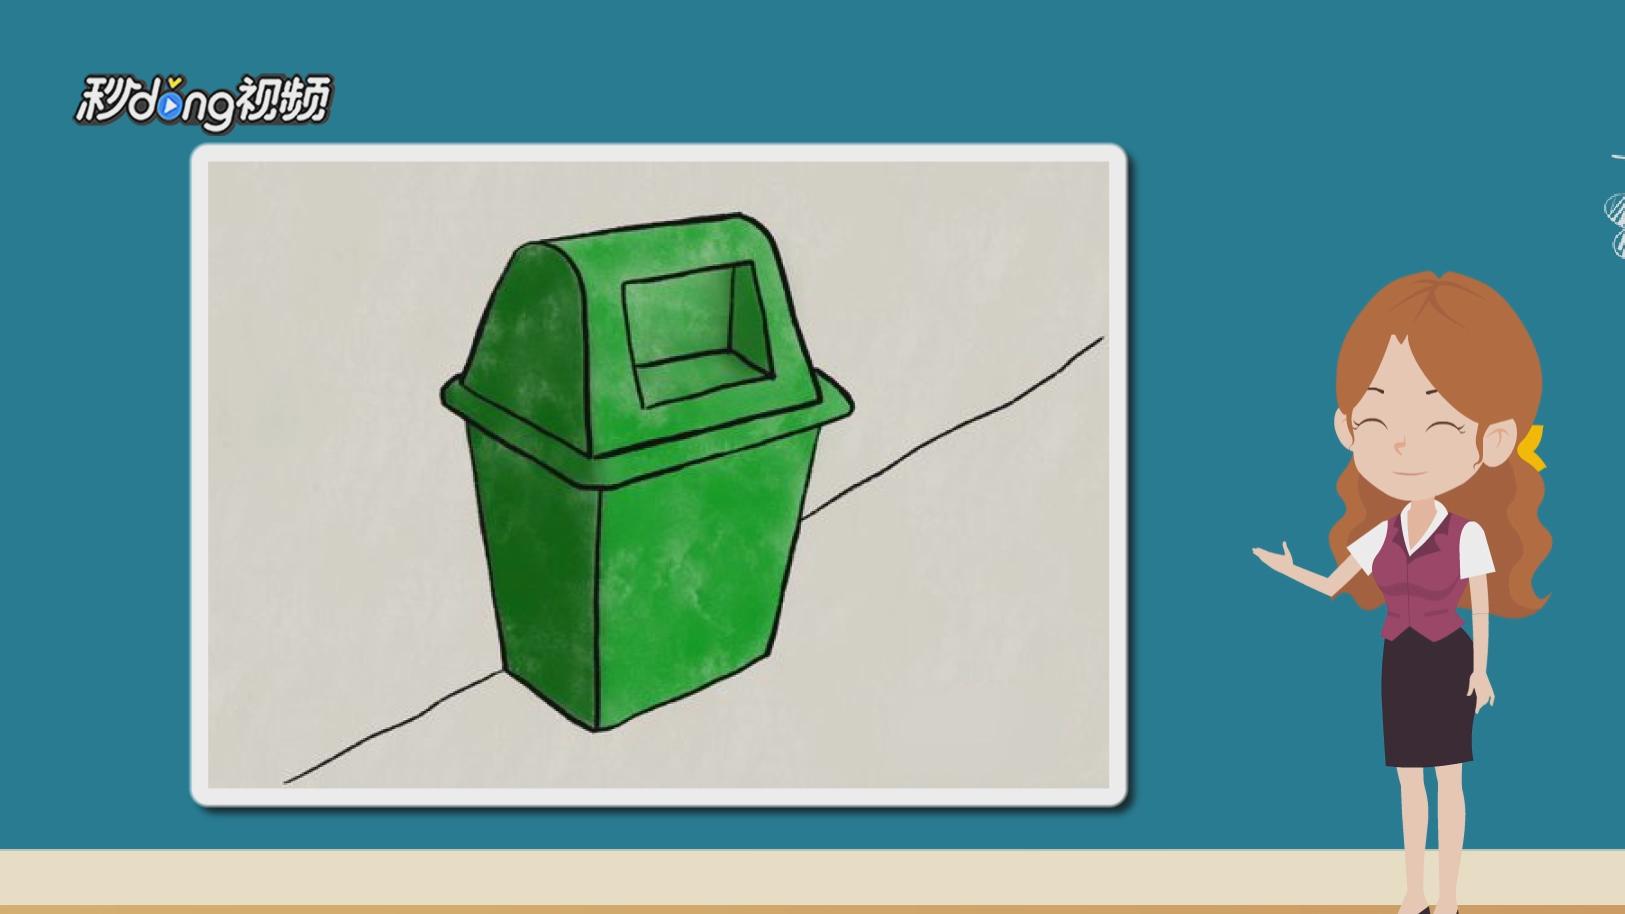 垃圾桶简笔画怎么画?